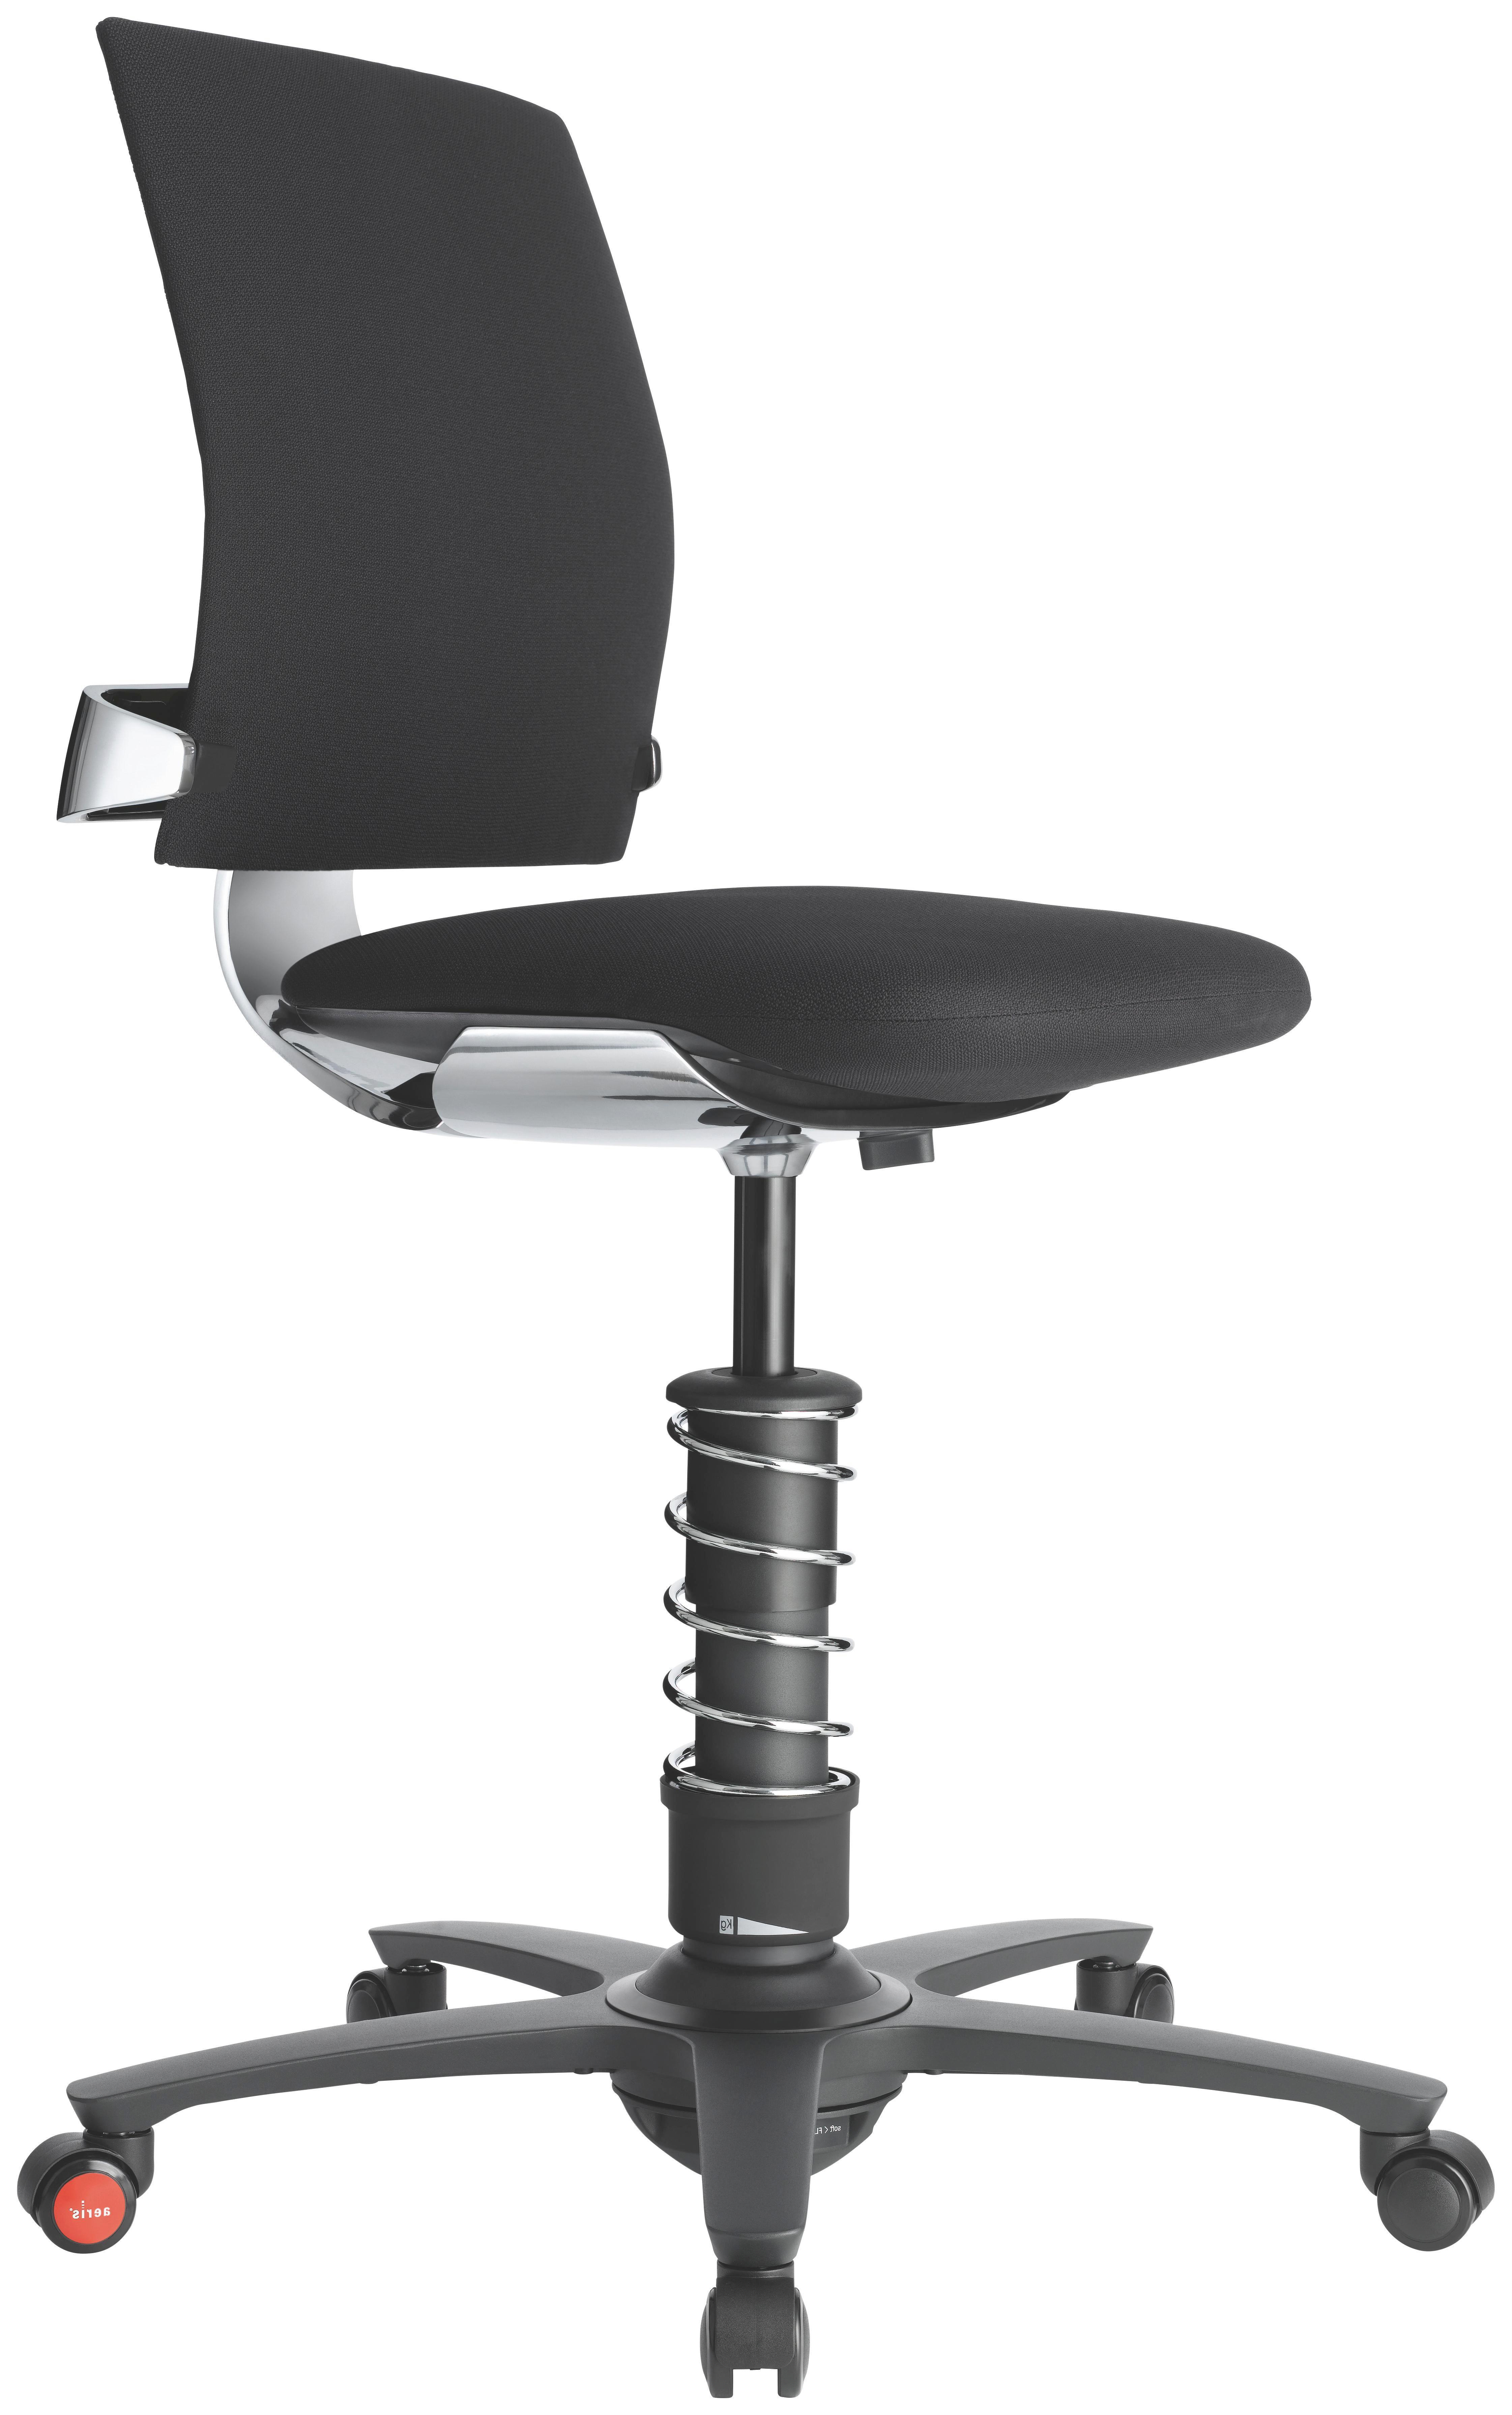 DREHSTUHL Chromfarben, Schwarz - Chromfarben/Schwarz, KONVENTIONELL, Kunststoff/Textil (58cm)